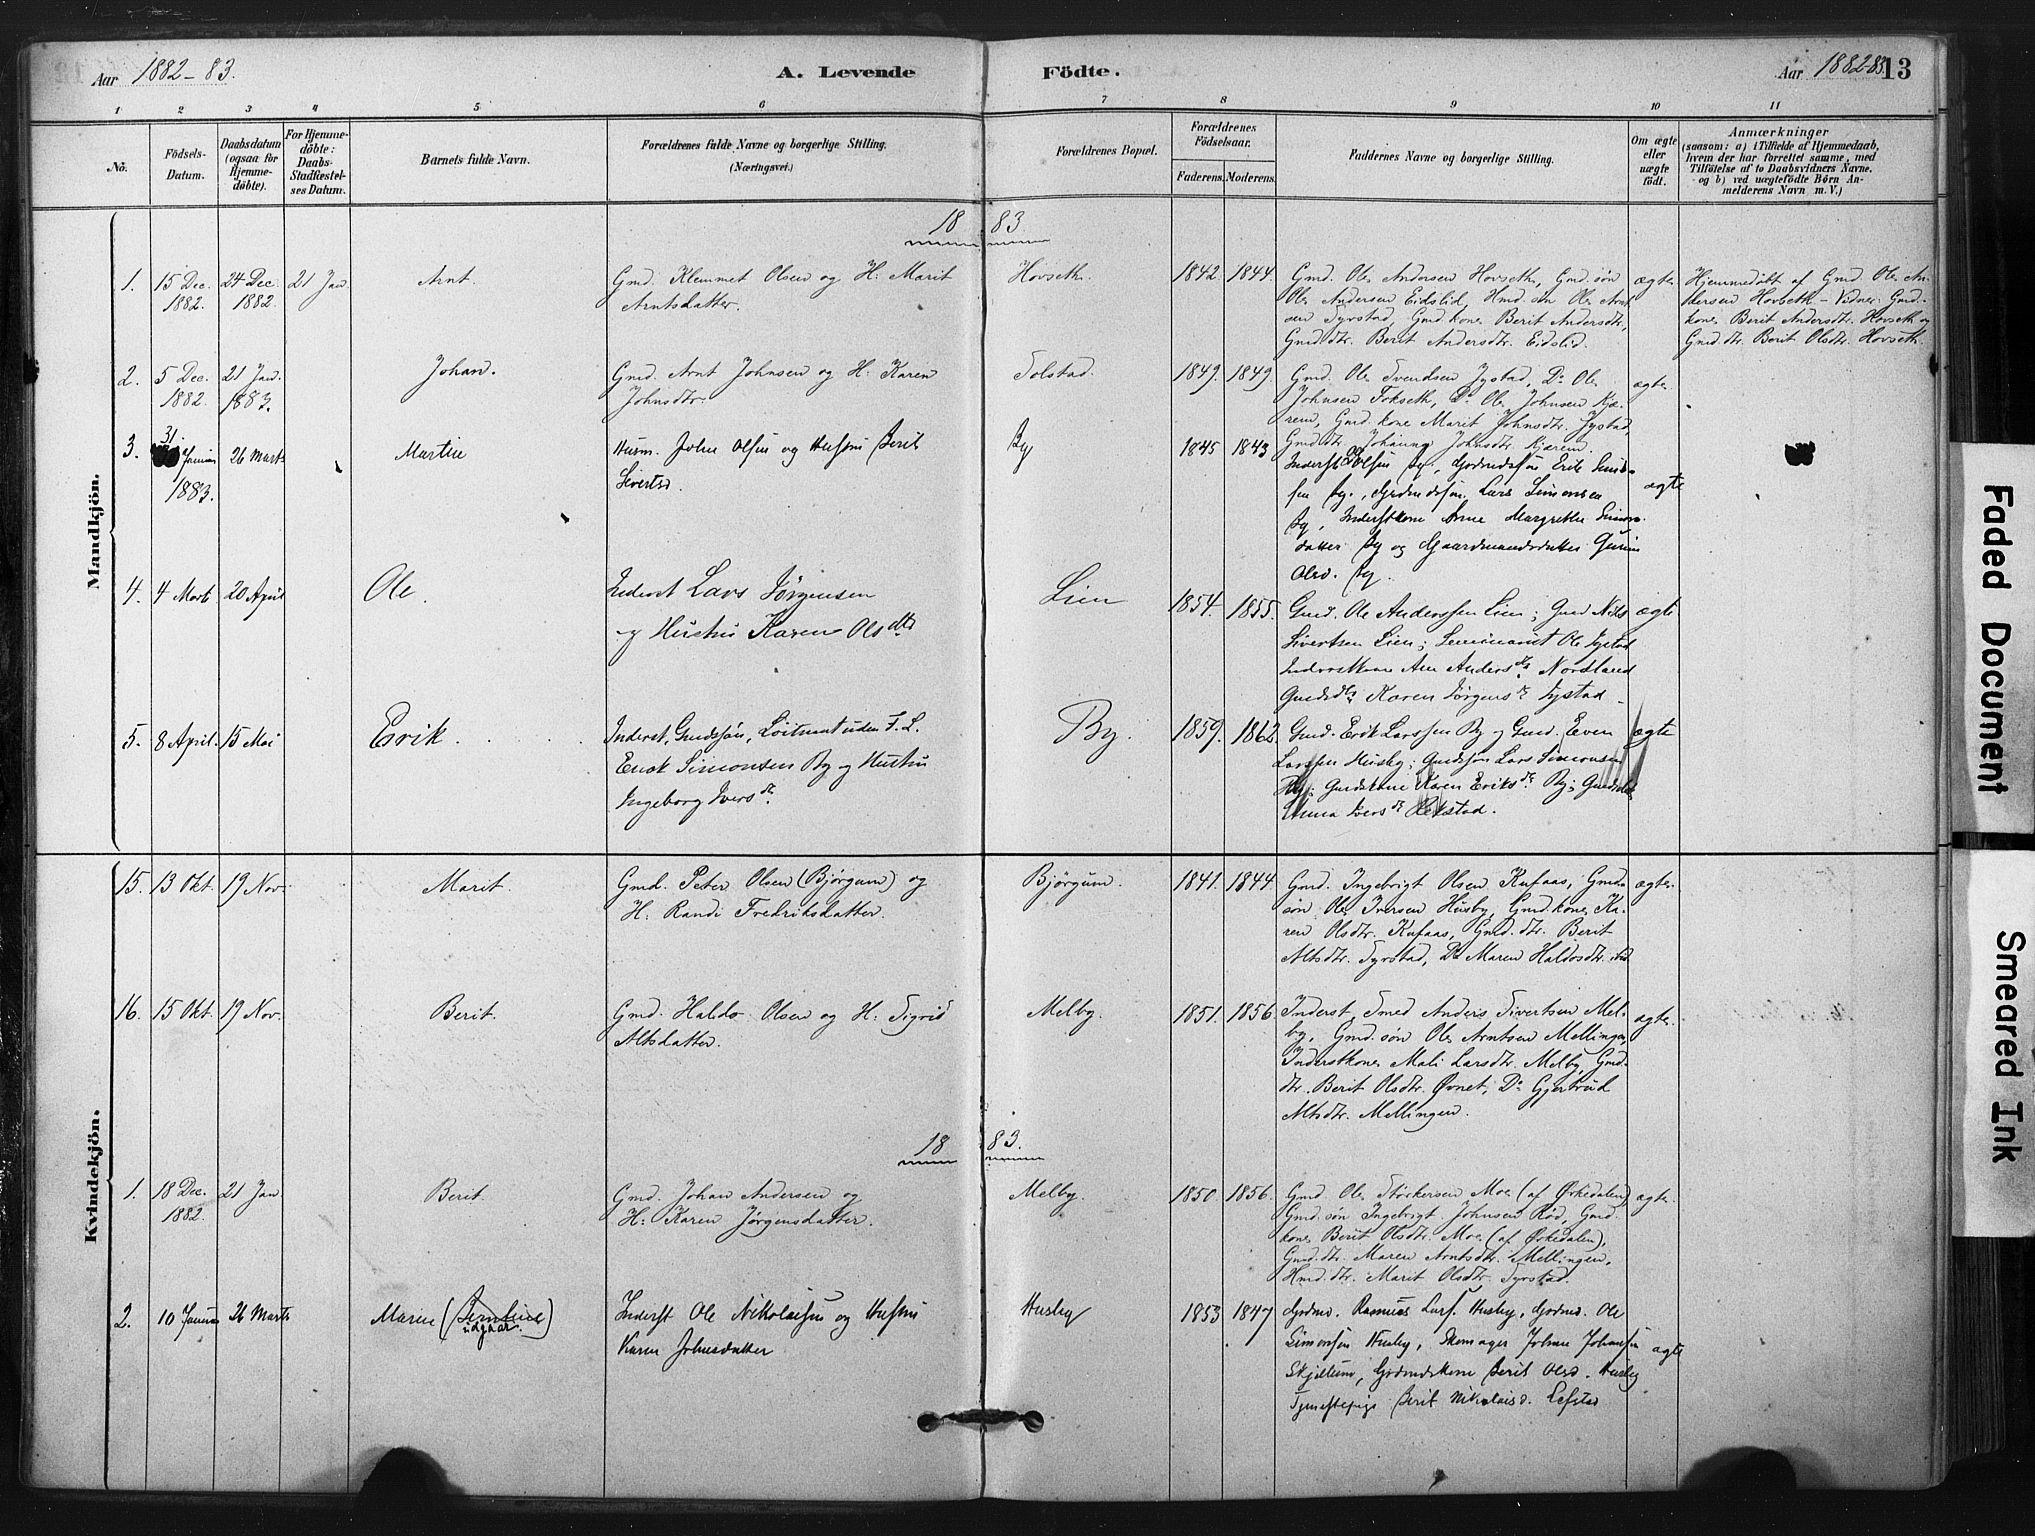 SAT, Ministerialprotokoller, klokkerbøker og fødselsregistre - Sør-Trøndelag, 667/L0795: Ministerialbok nr. 667A03, 1879-1907, s. 13